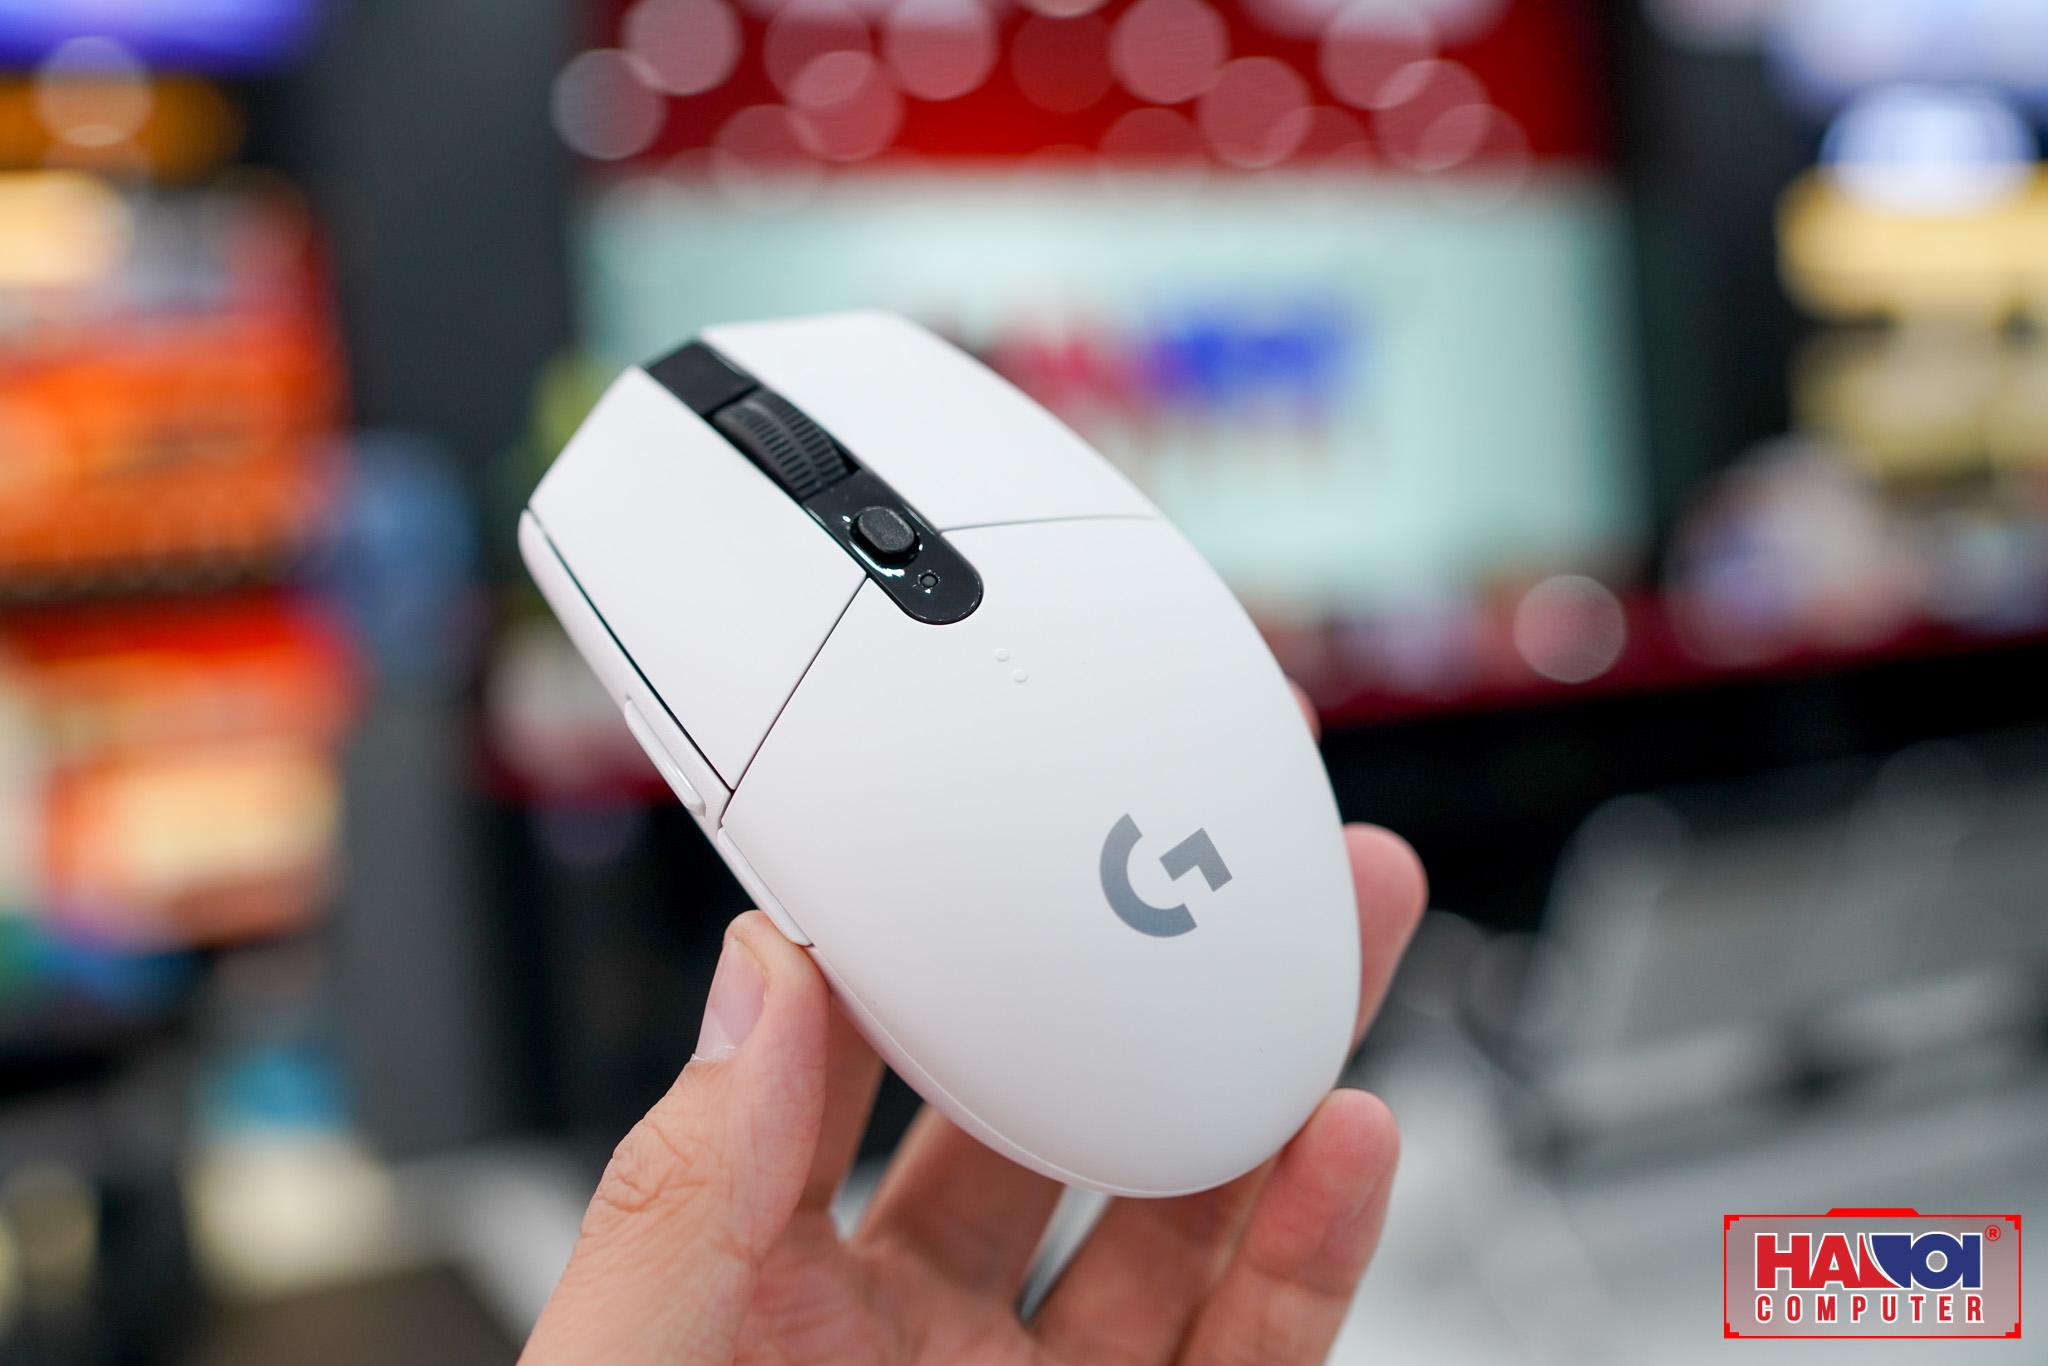 Chuột không dây Logitech G304 Lightspeed trắng (USB) trang bị mắt cảm biến hero cao cấp